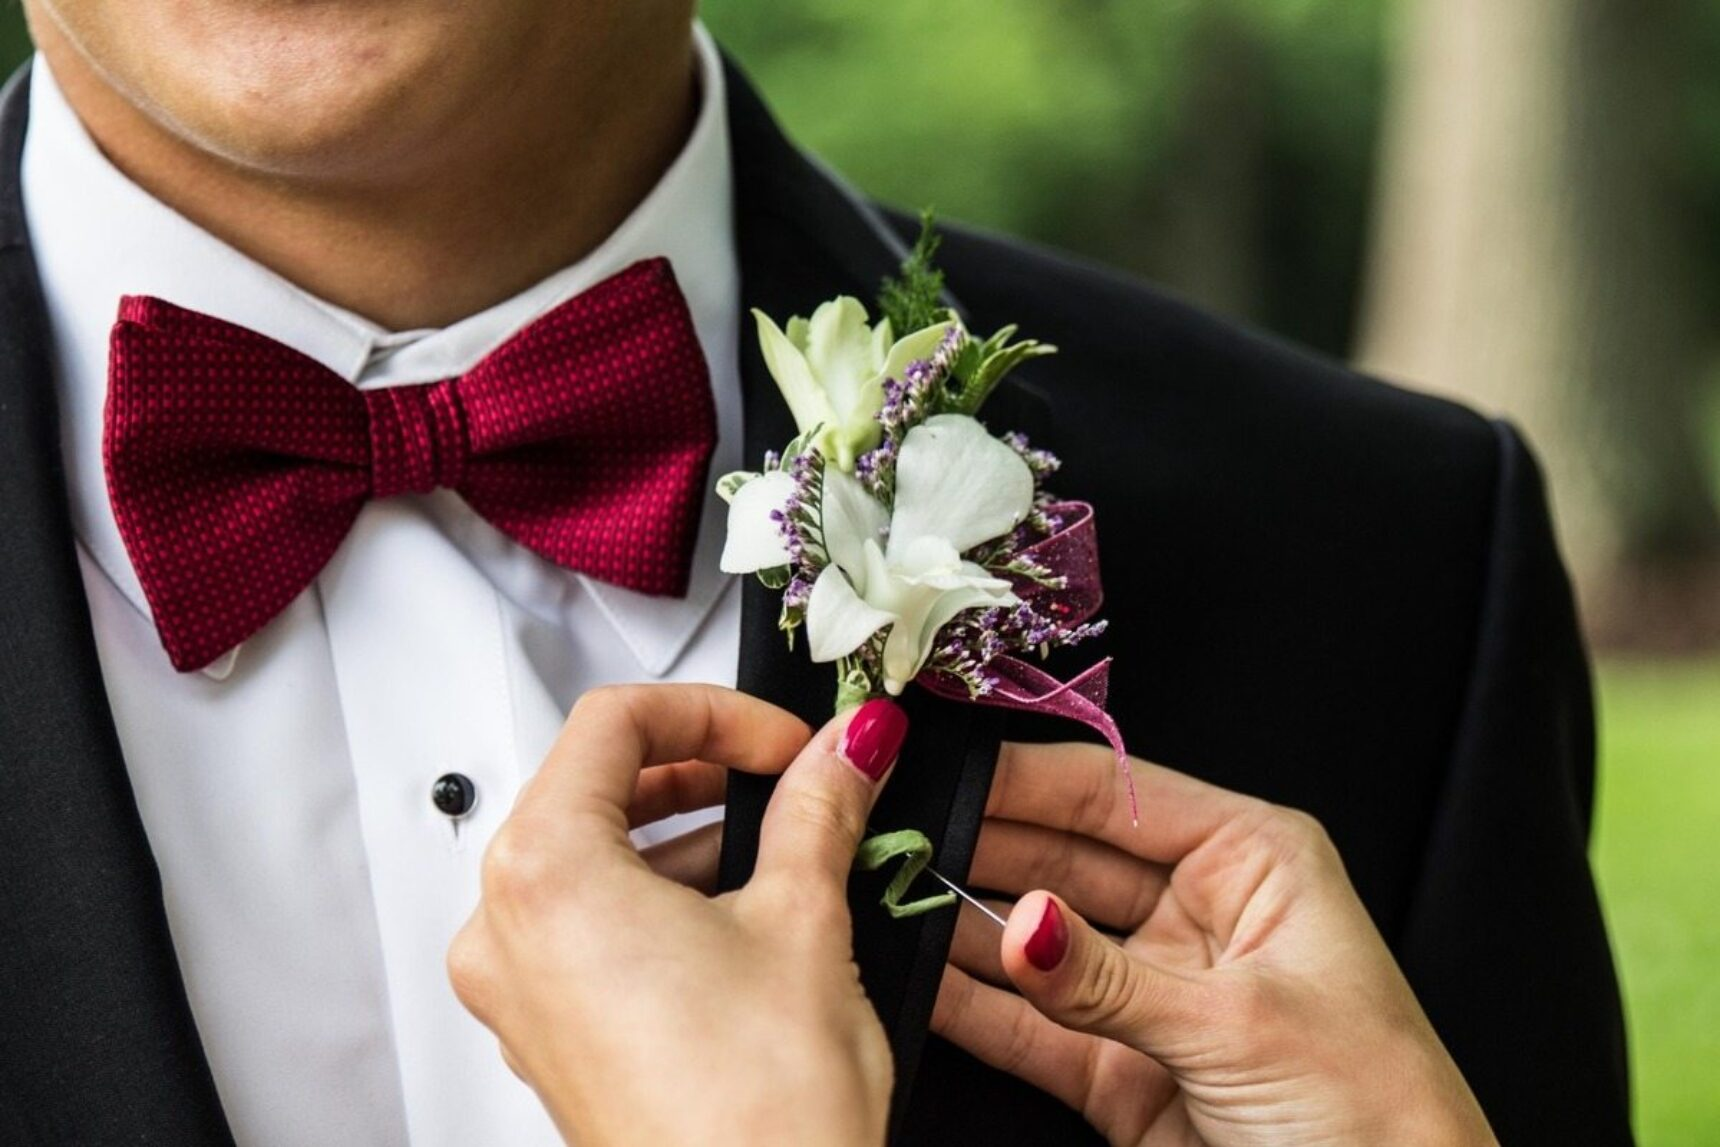 Mucha czy krawat – zobacz jaki dodatek będzie najlepszy na wybraną okazję!